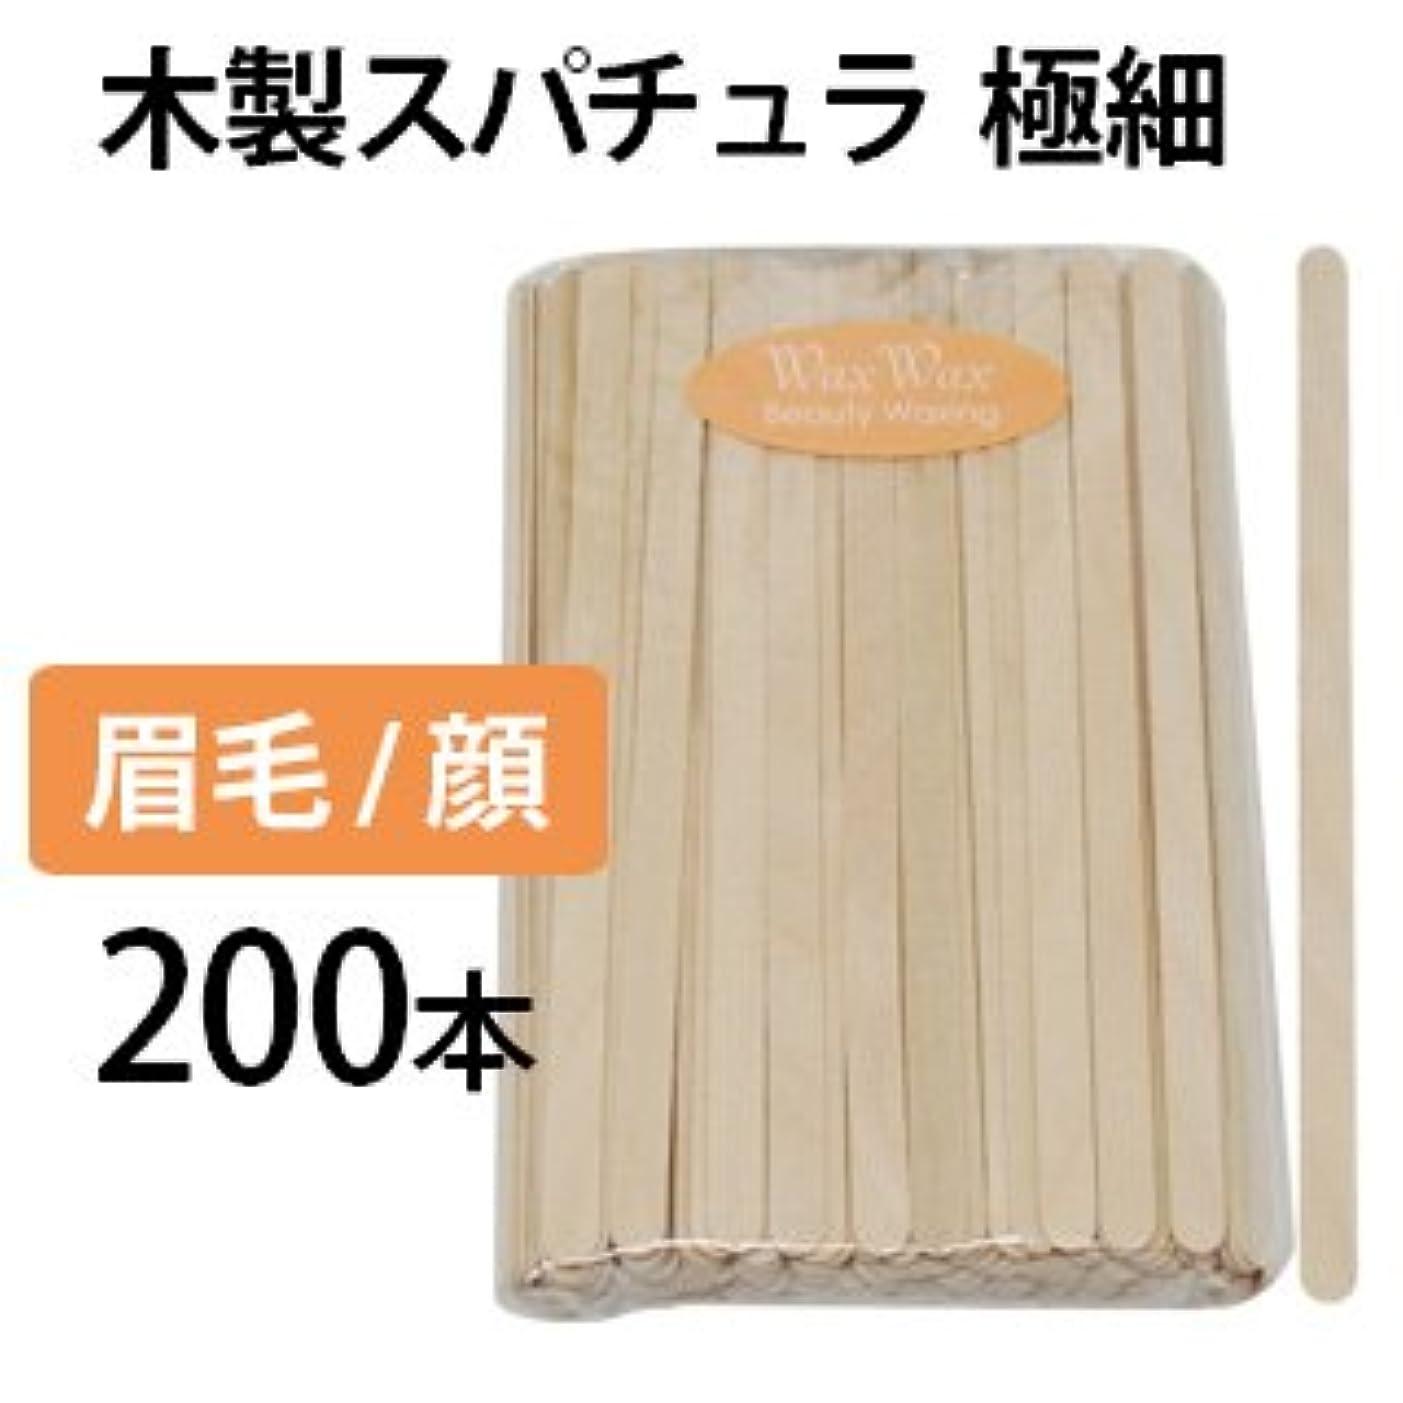 勝利したヒットエスニック眉毛 アイブロウ用スパチュラ 200本セット 極細 木製スパチュラ 使い捨て